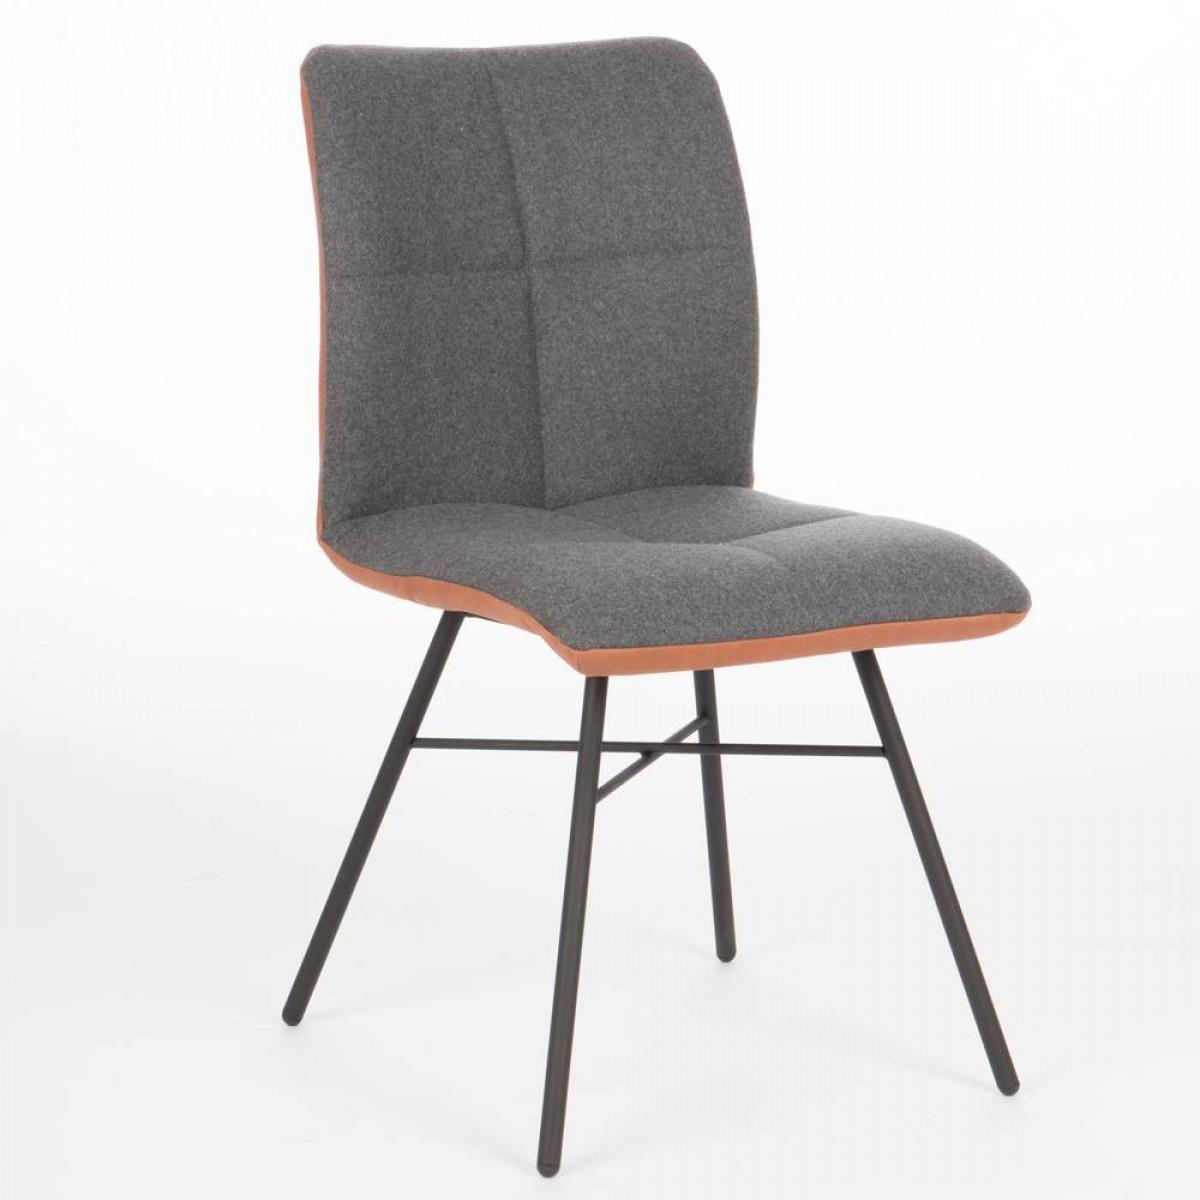 pepitto-stoel-stof-leer-combinatie-miltonhouse-spinpoot-zwart